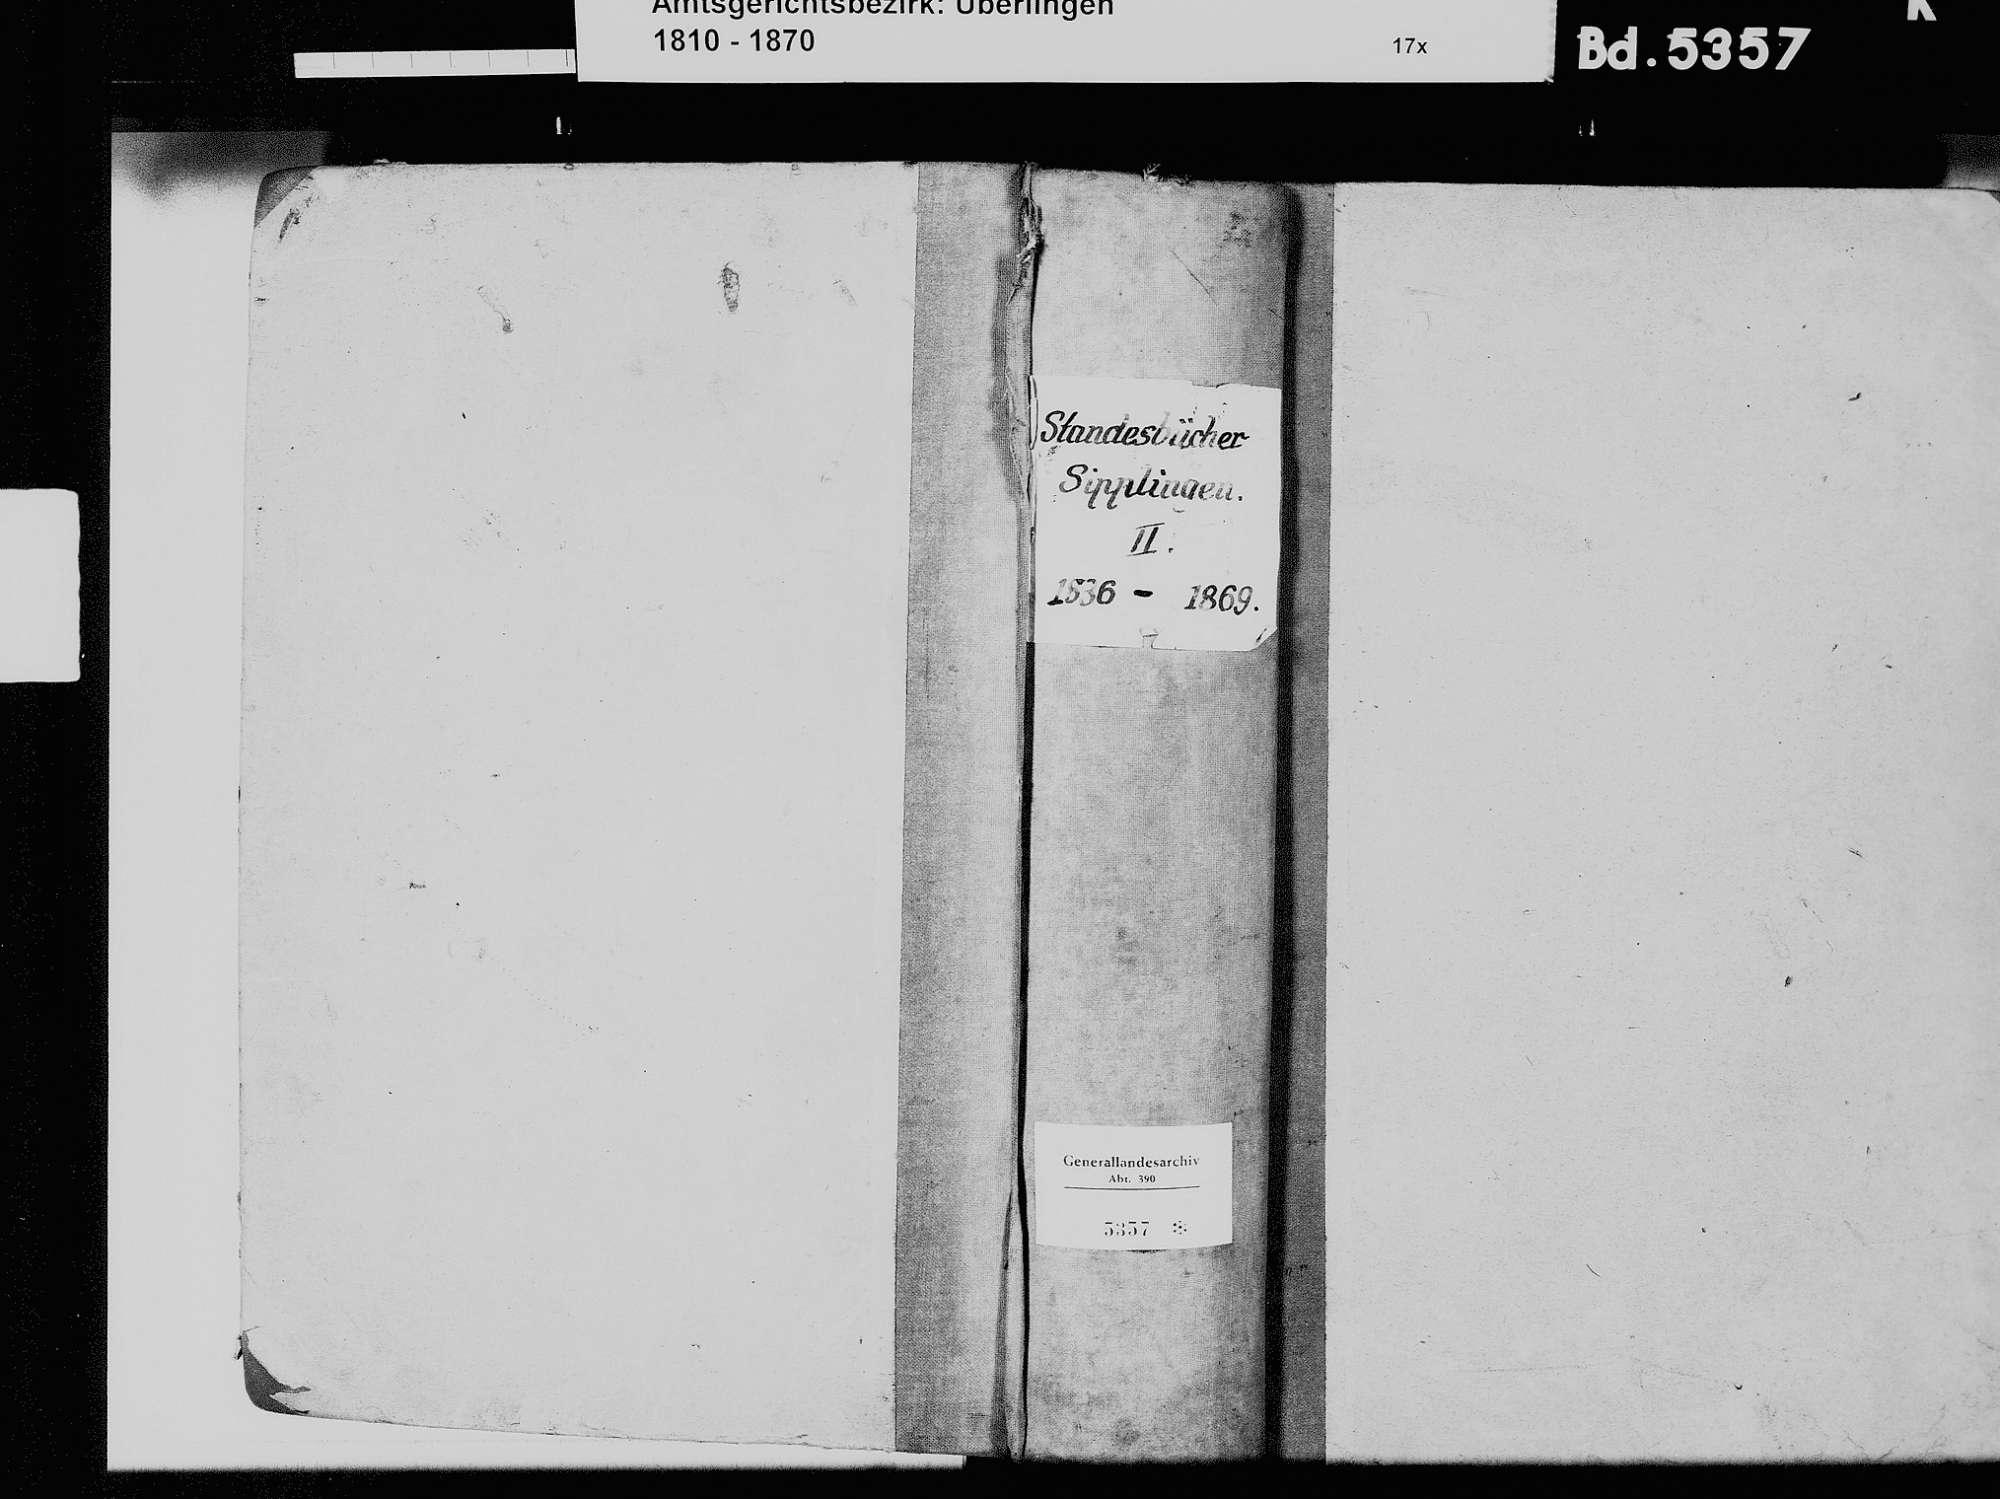 Sipplingen FN; Katholische Gemeinde: Standesbuch 1836-1869, Bild 2